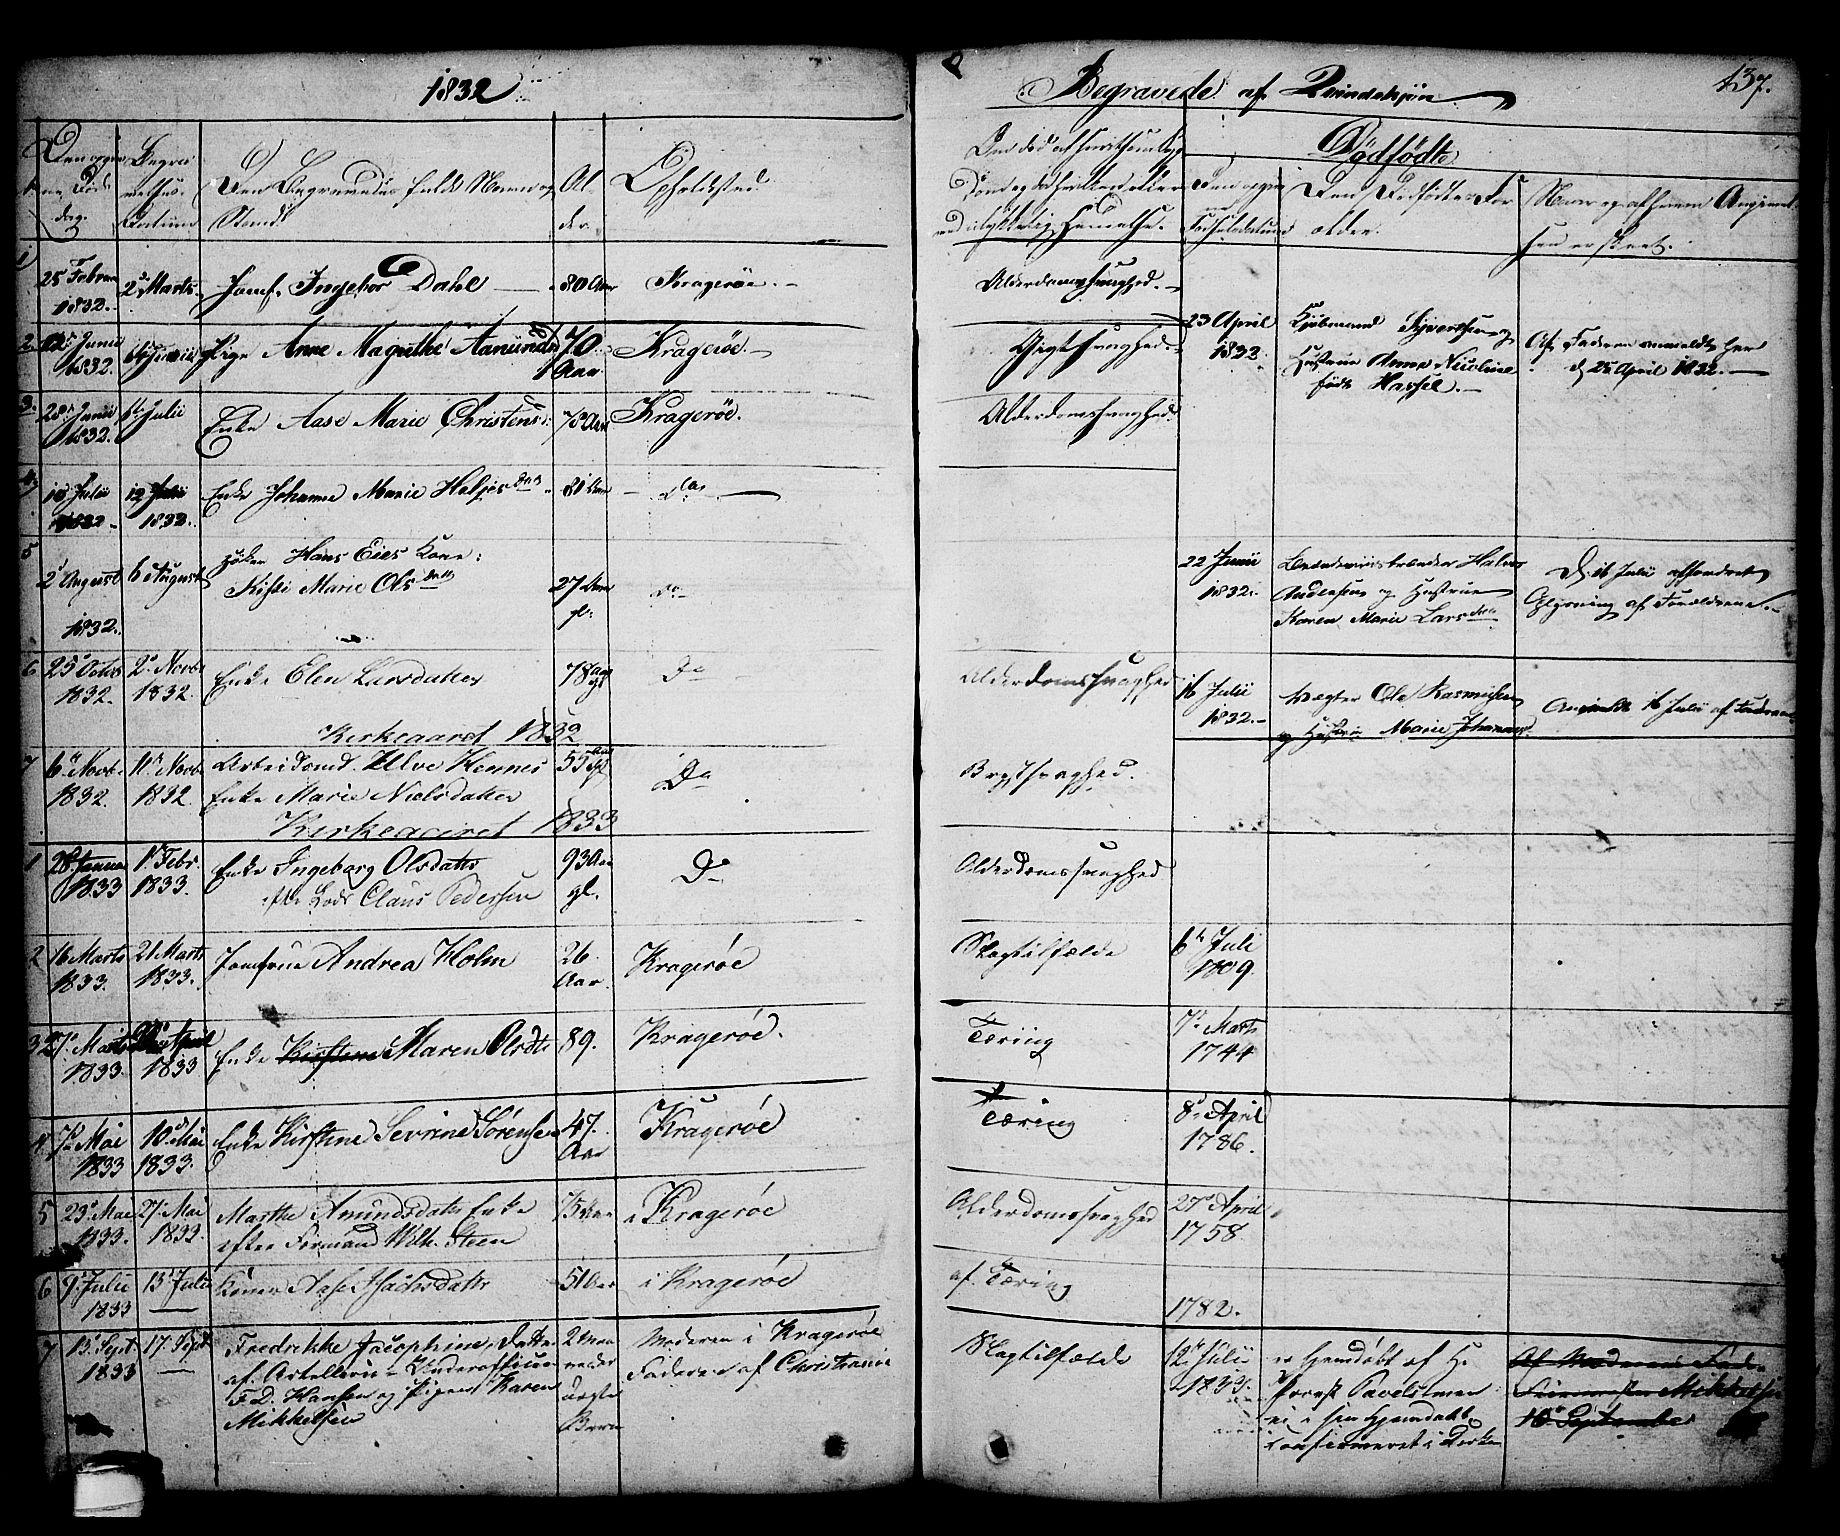 SAKO, Kragerø kirkebøker, G/Ga/L0003: Klokkerbok nr. 3, 1832-1852, s. 137